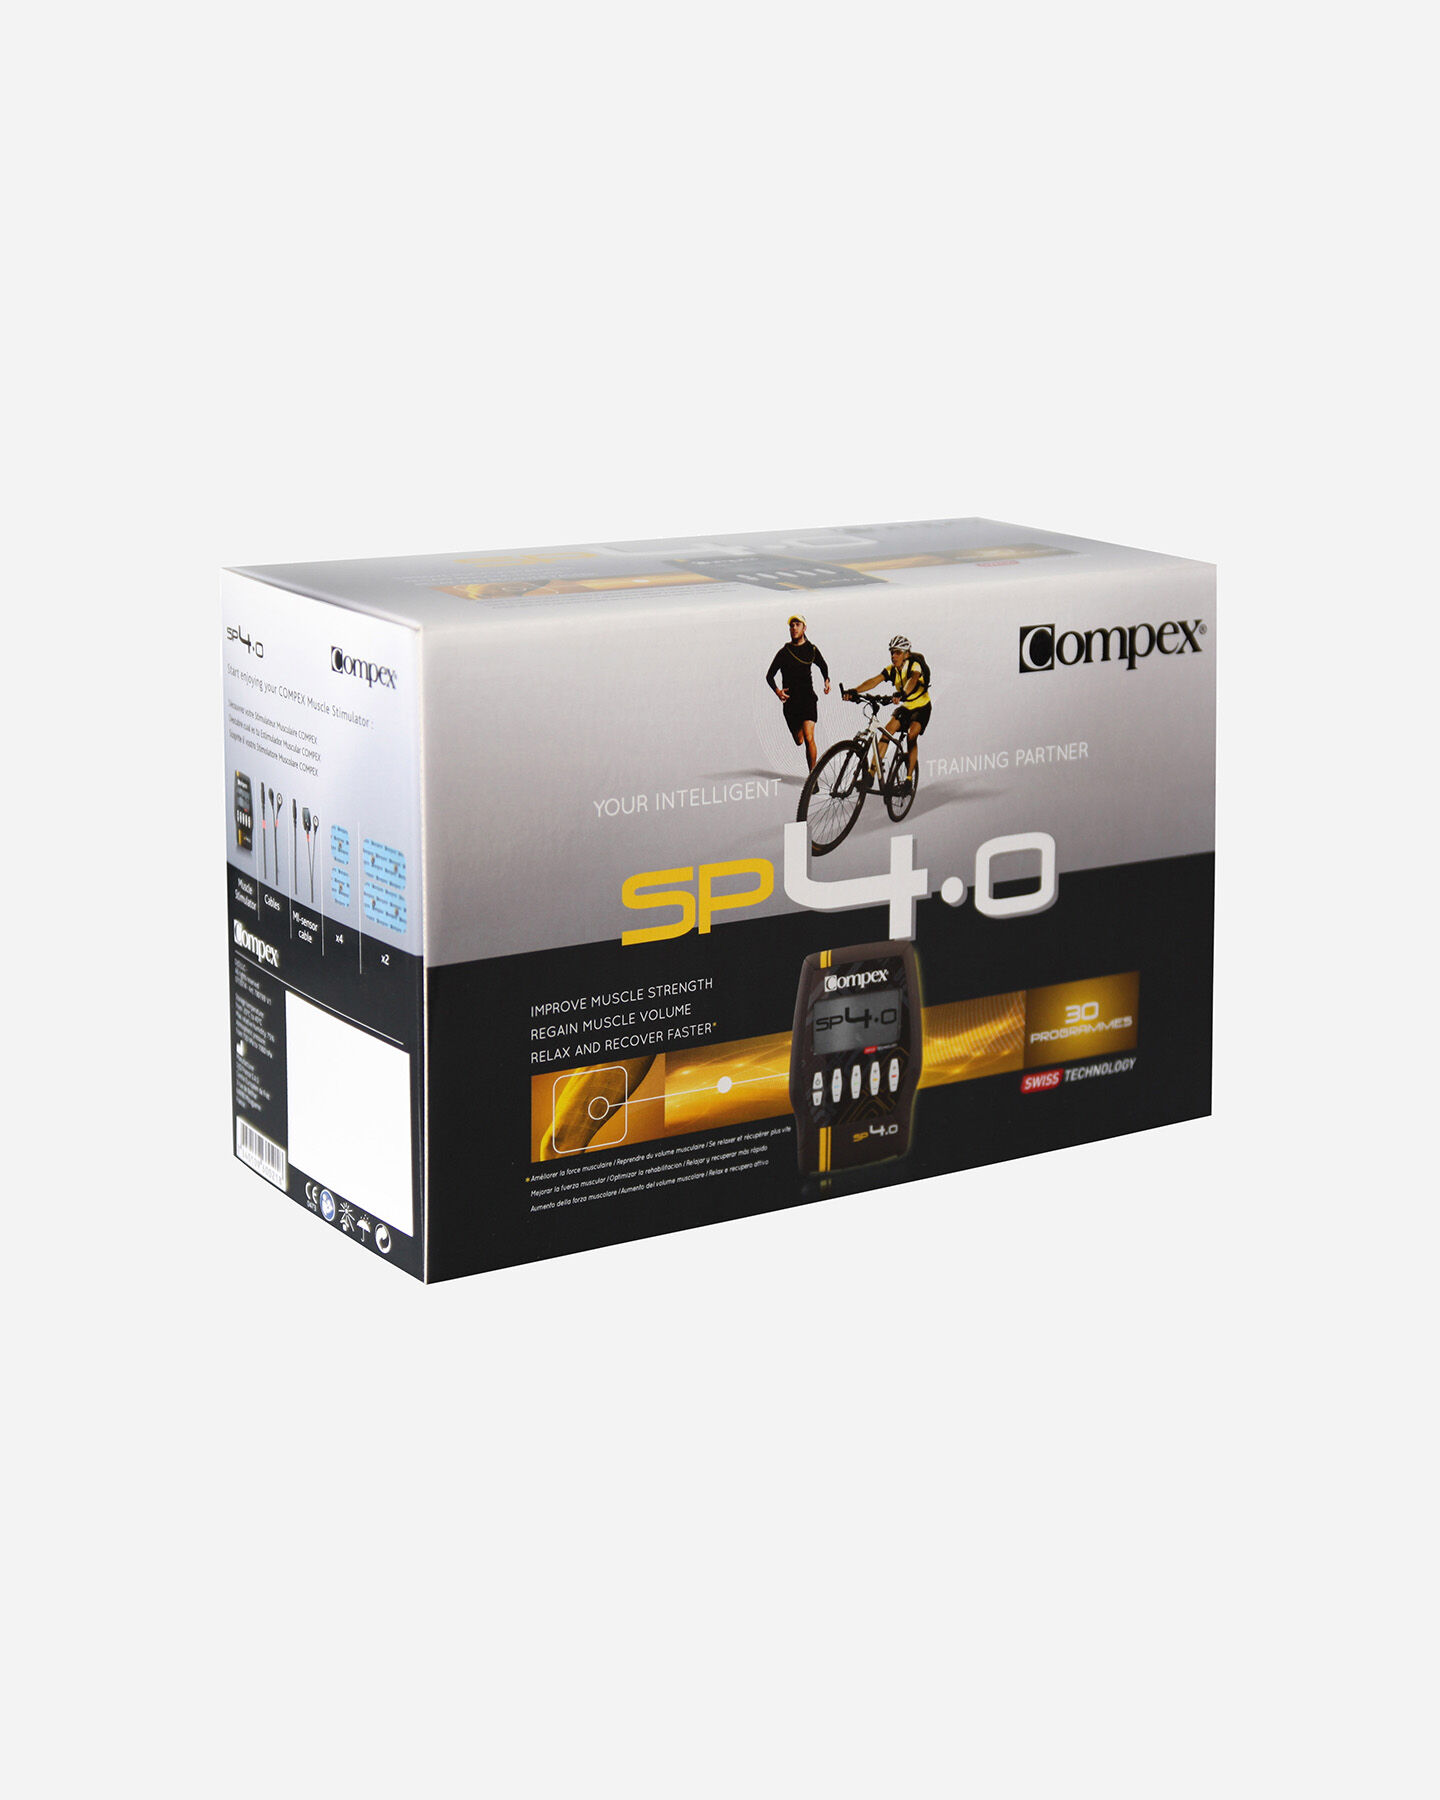 Elettrostimolatore COMPEX SP 4.0 S1296249 1 UNI scatto 1